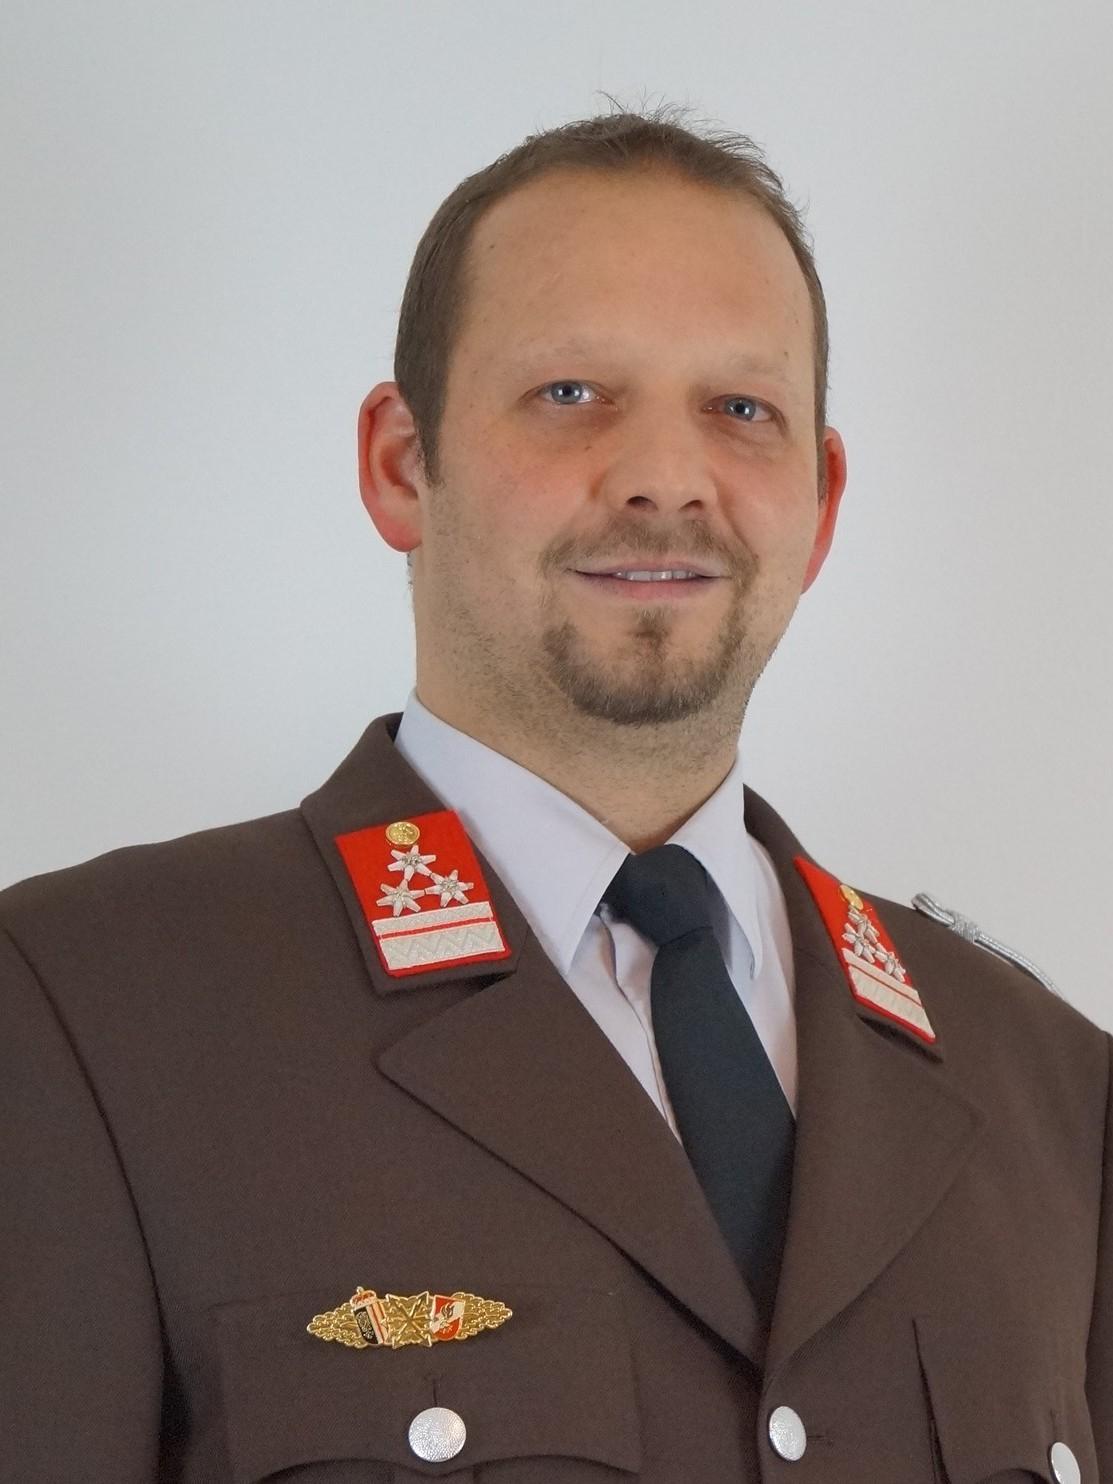 Martin Rathner